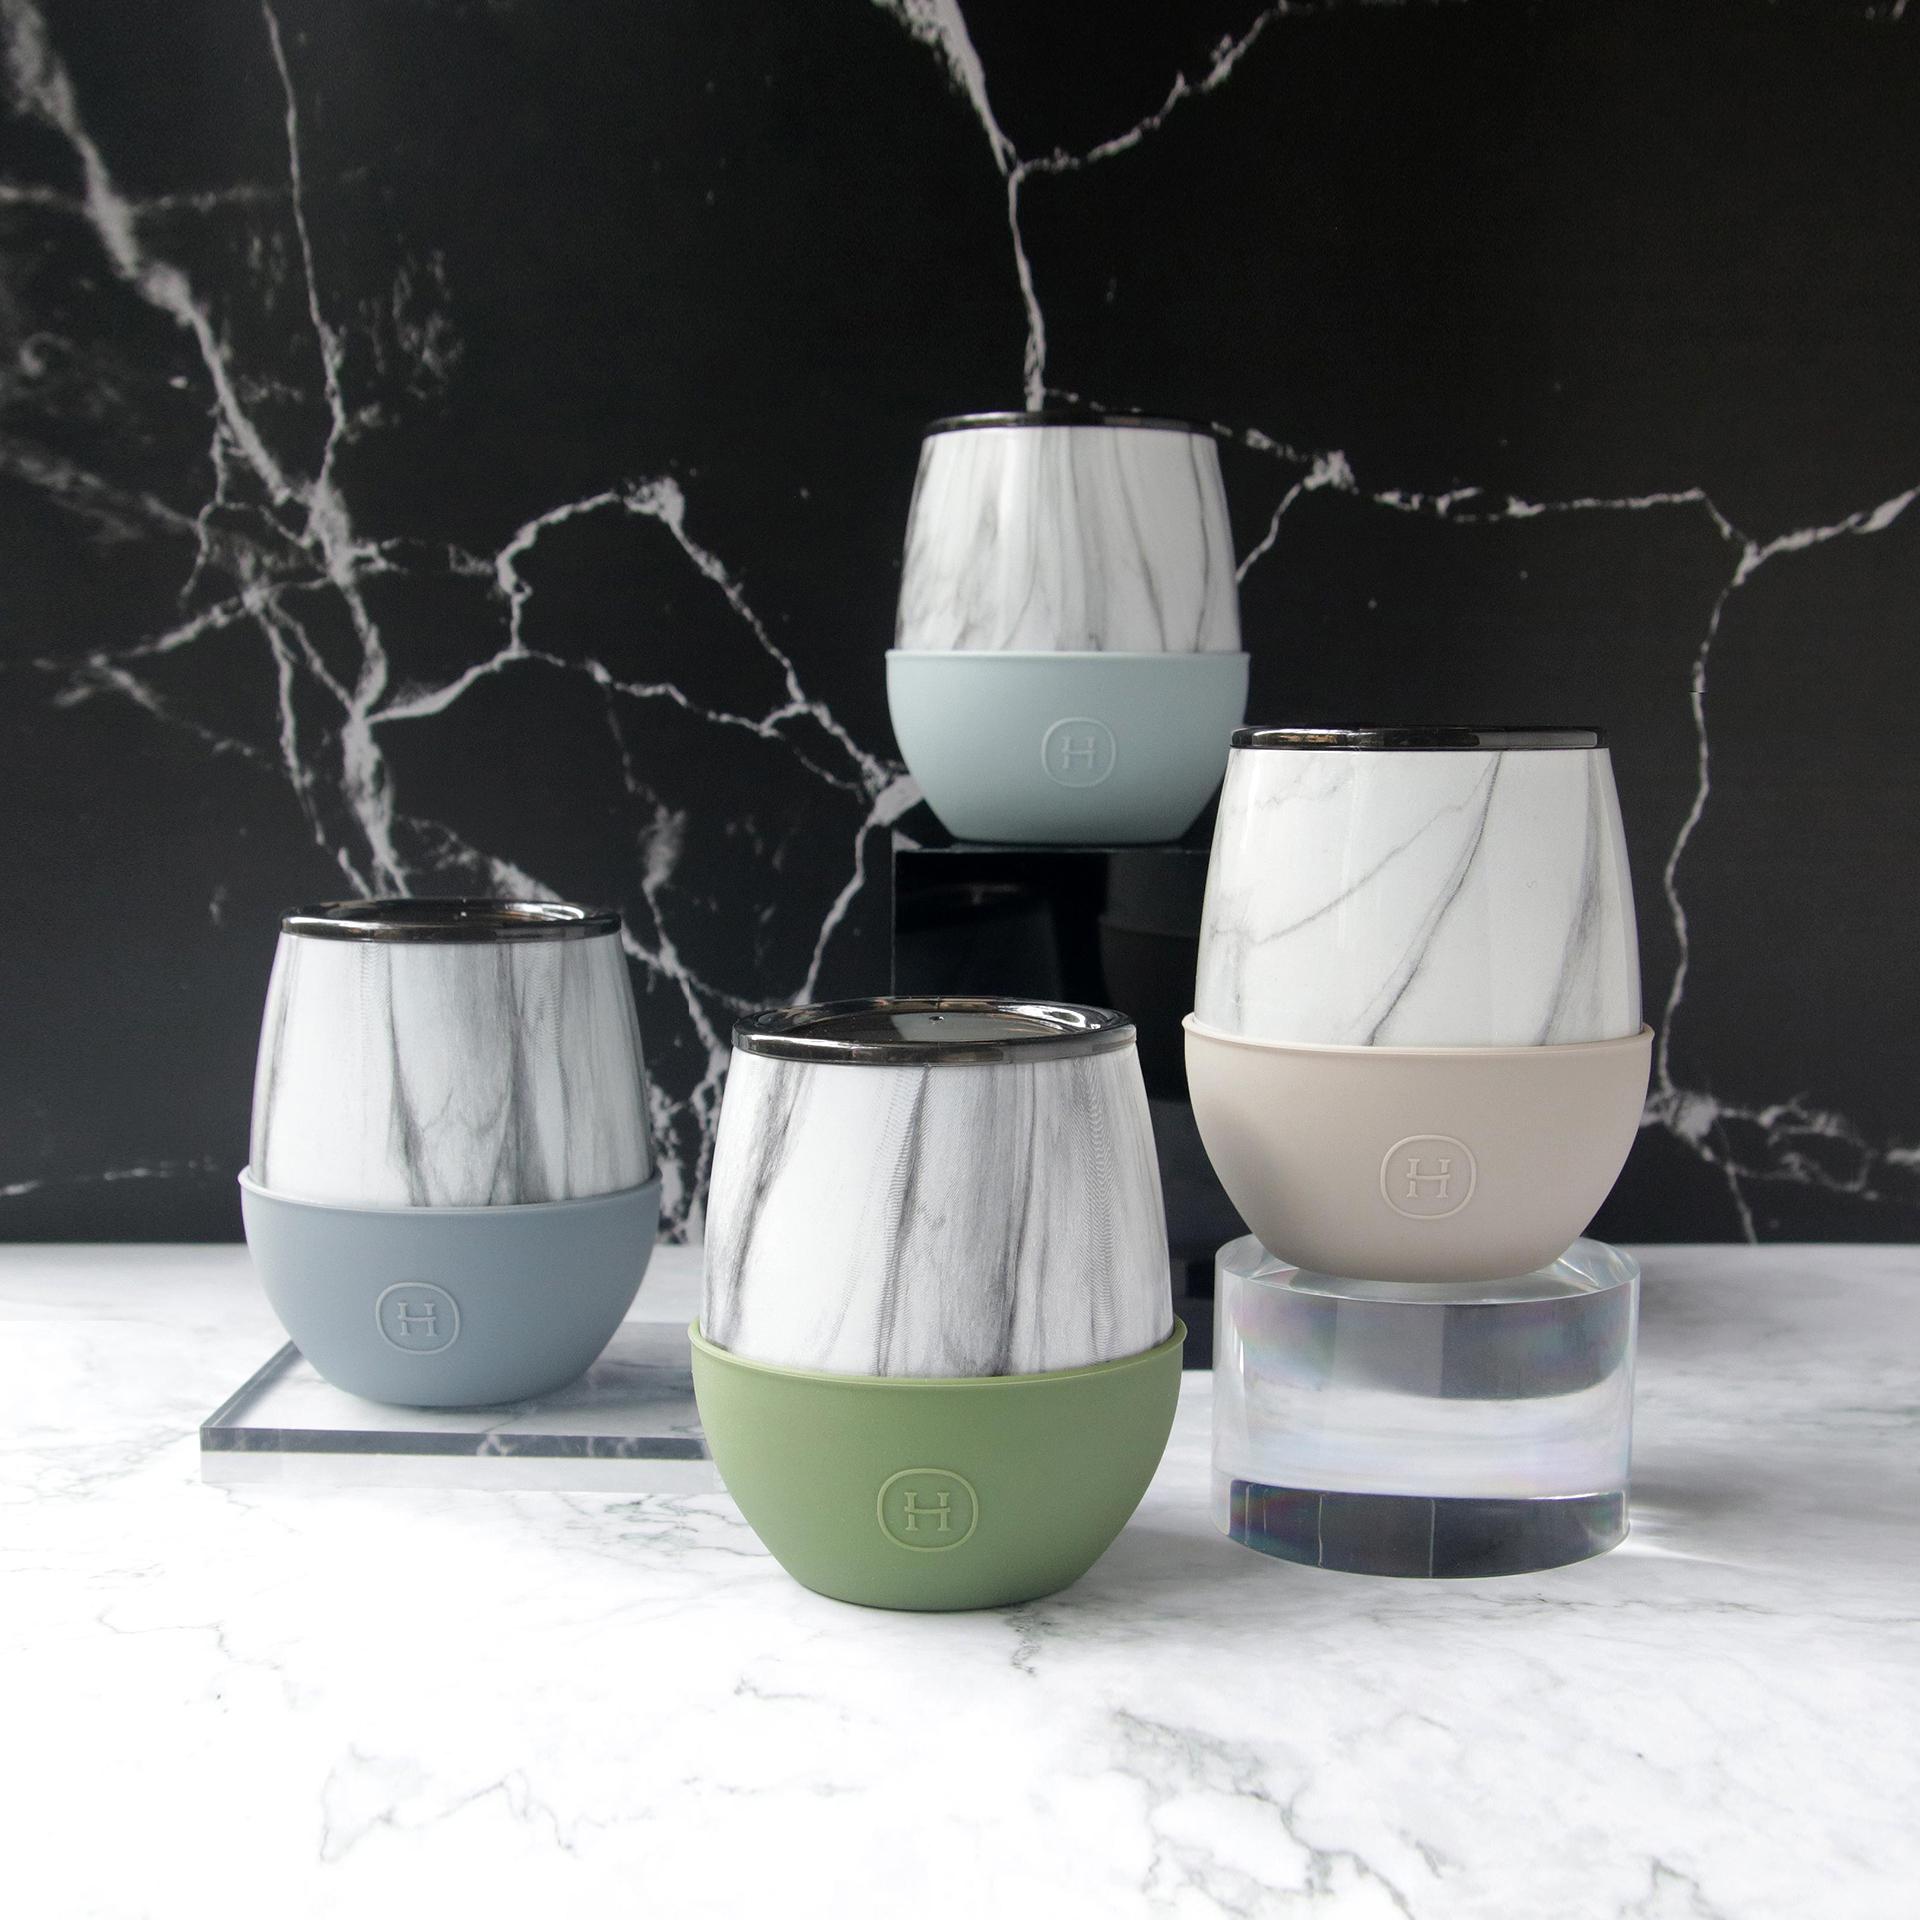 美國 HYDY Delicia 大理石紋雙層隨行保溫杯 蛋型杯4入組